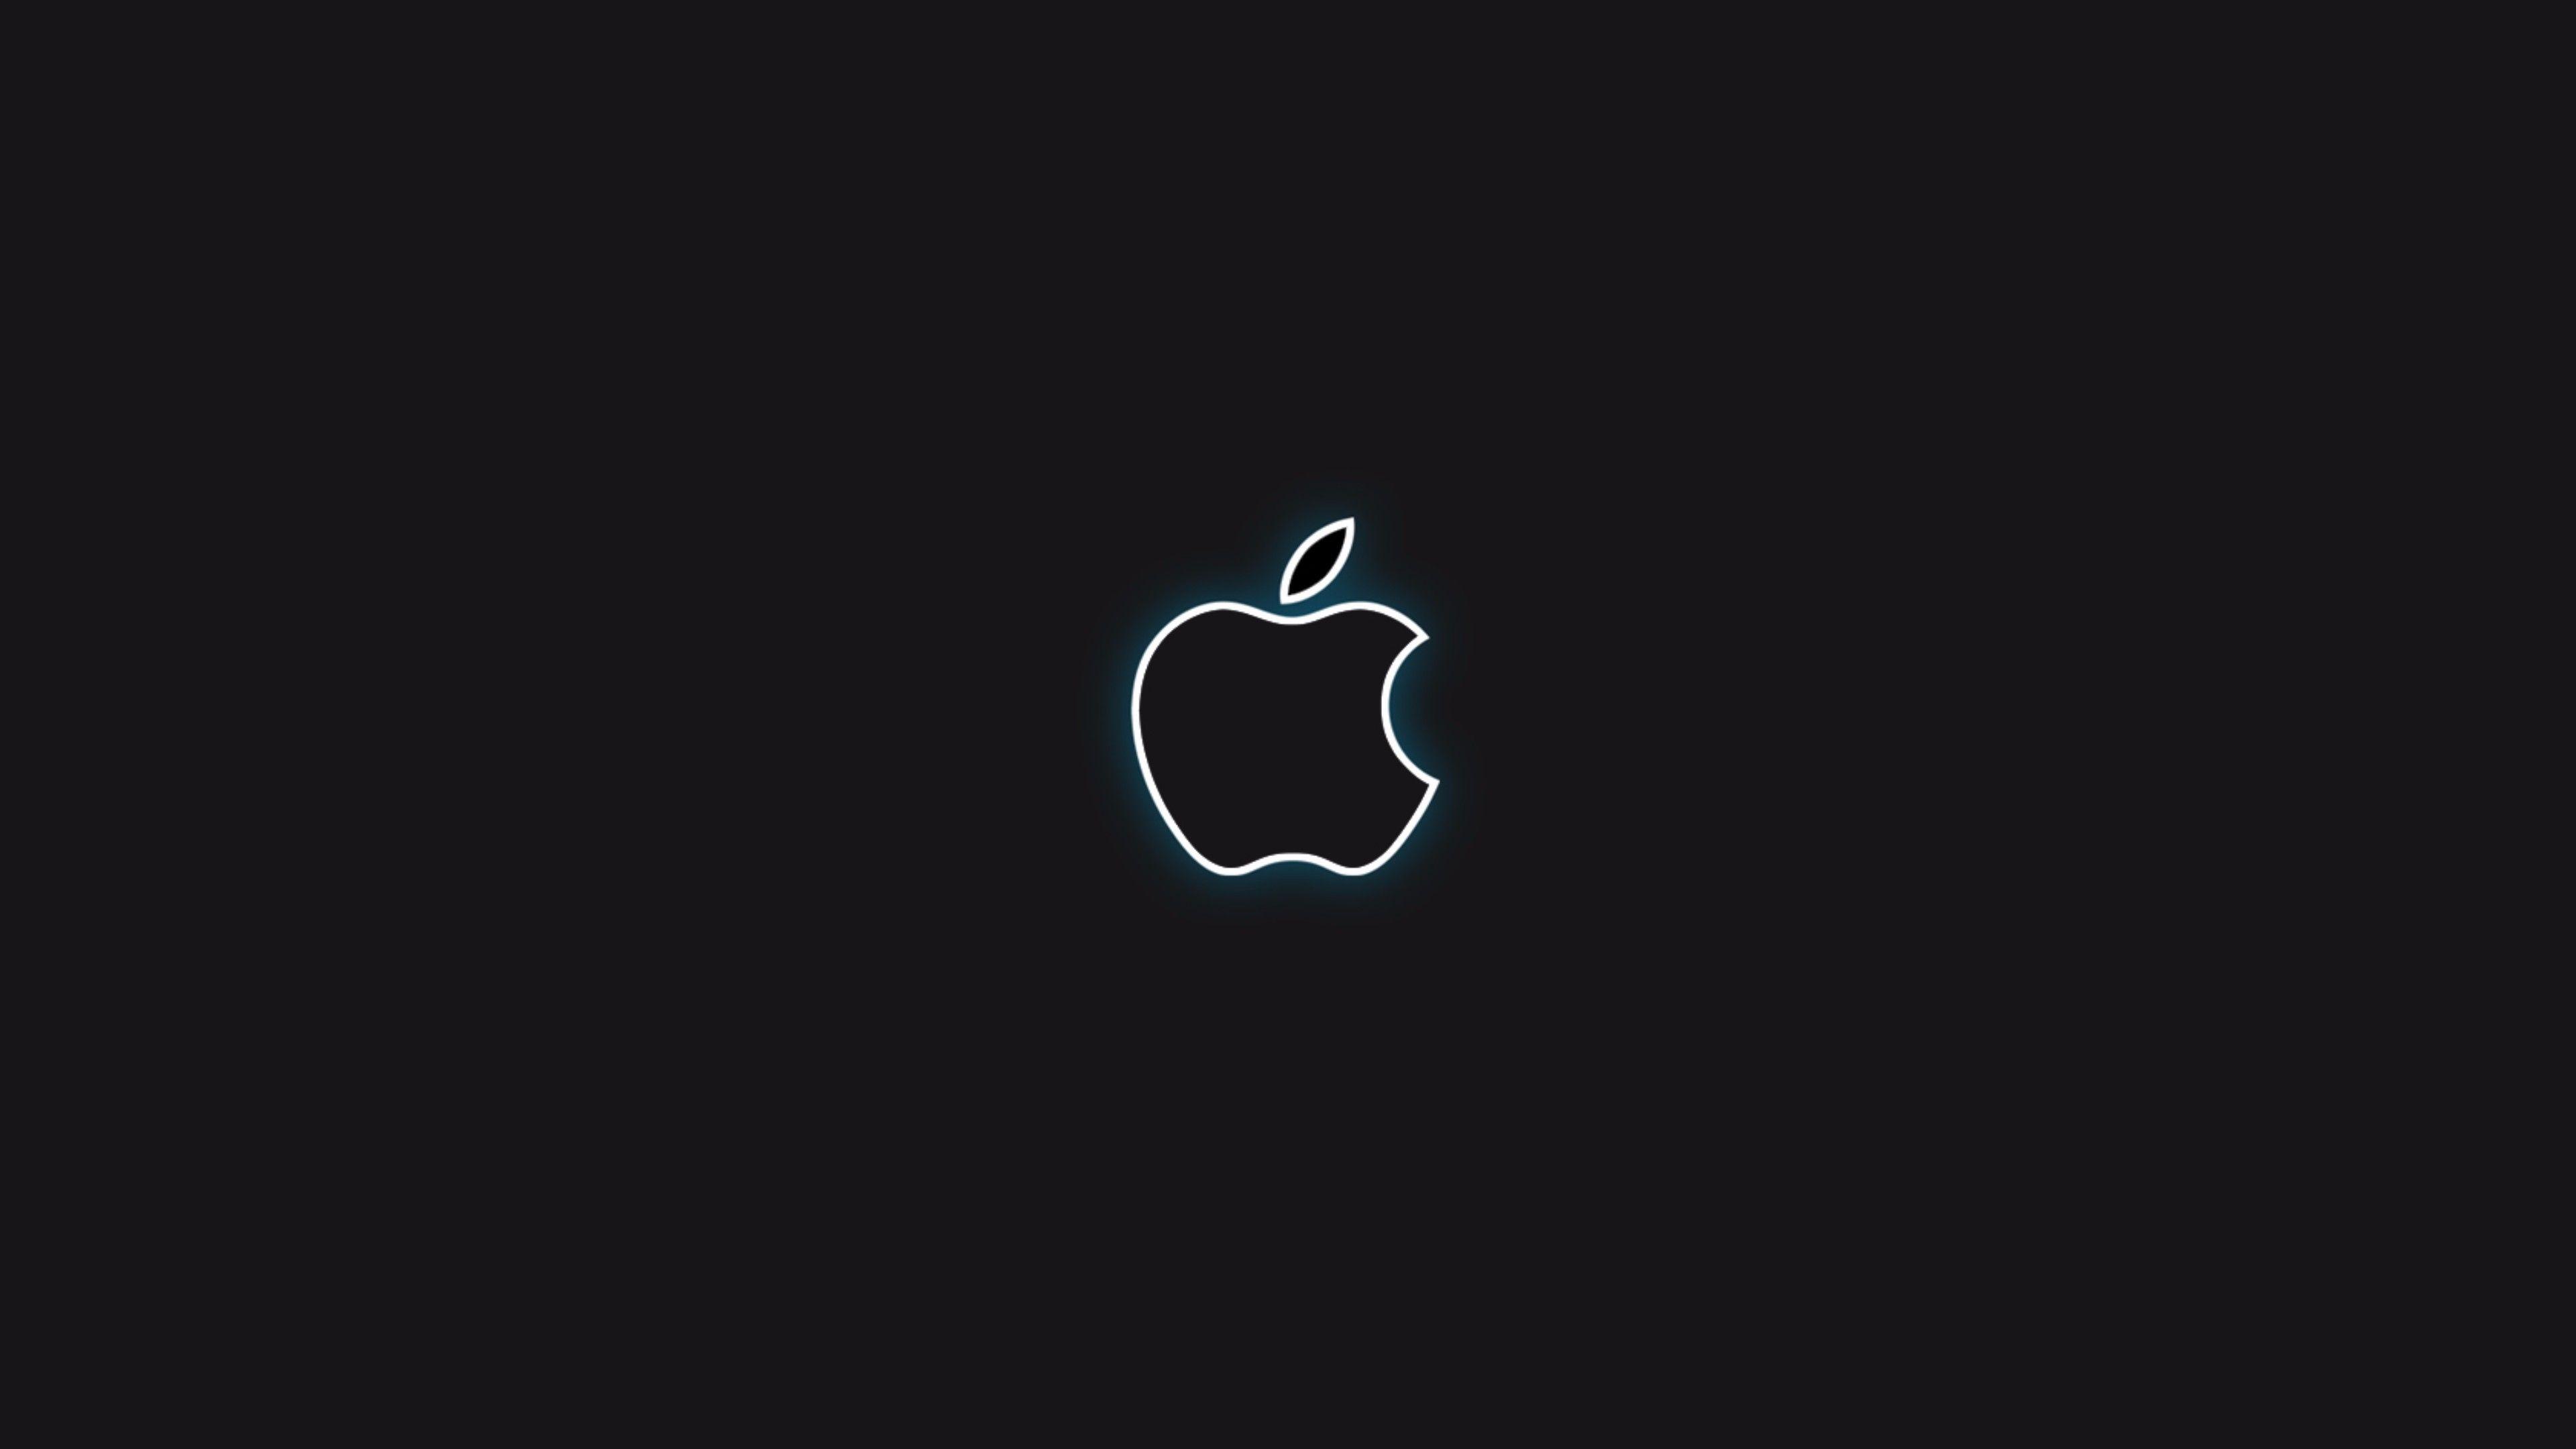 Black Apple Logo 4k Wallpaper Free 4k Wallpaper Objek Gambar Gambar Foto Alam